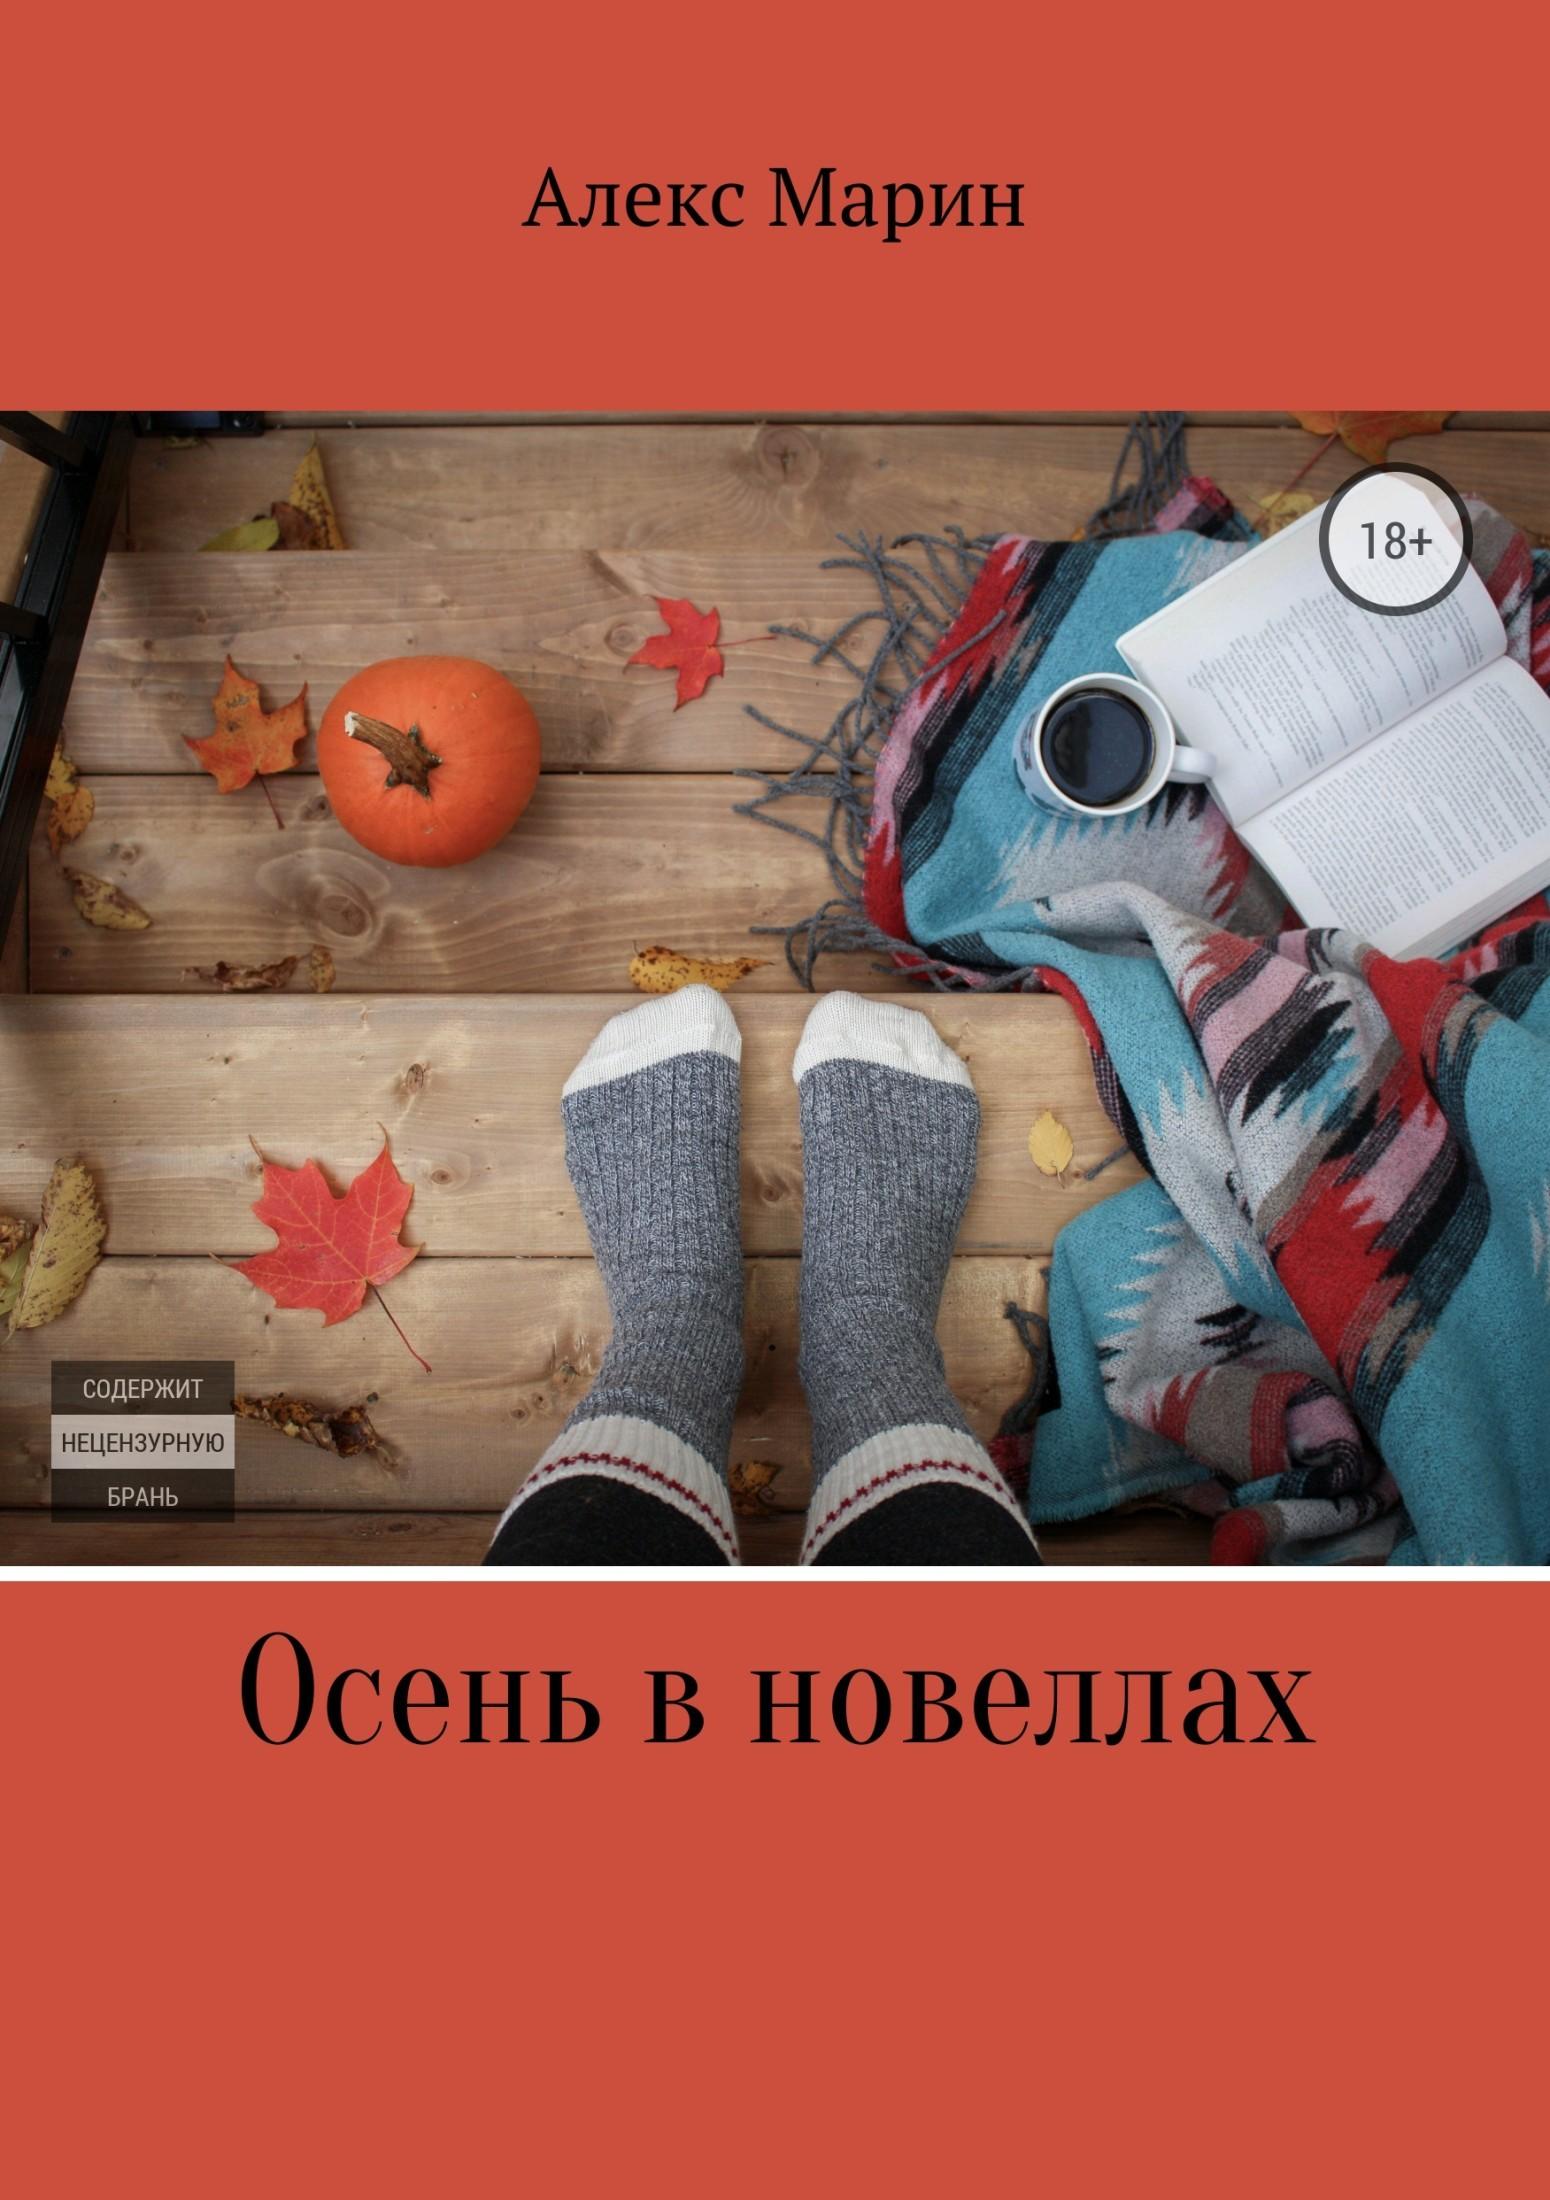 Осень в новеллах